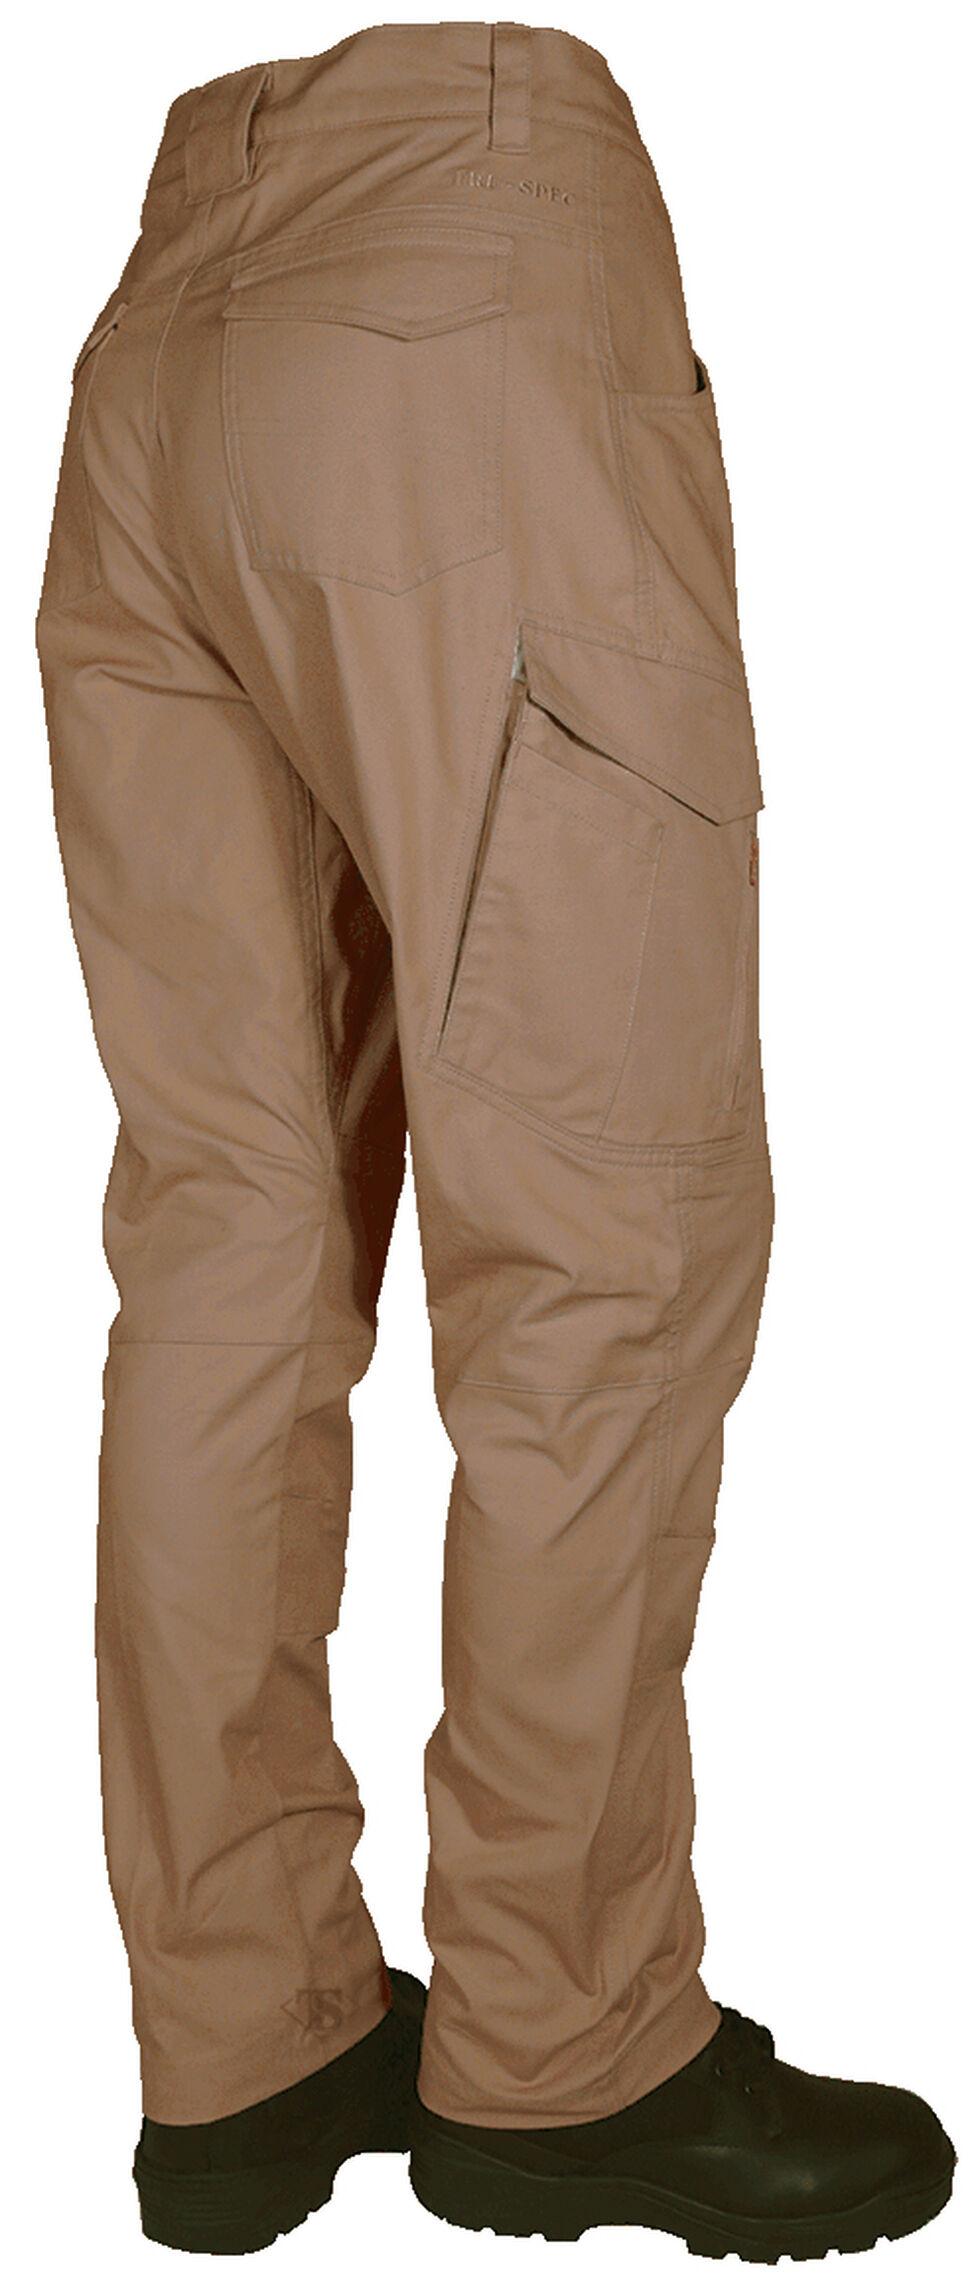 Tru-Spec Men's Coyote Tan 24-7 Delta Pants , Tan, hi-res